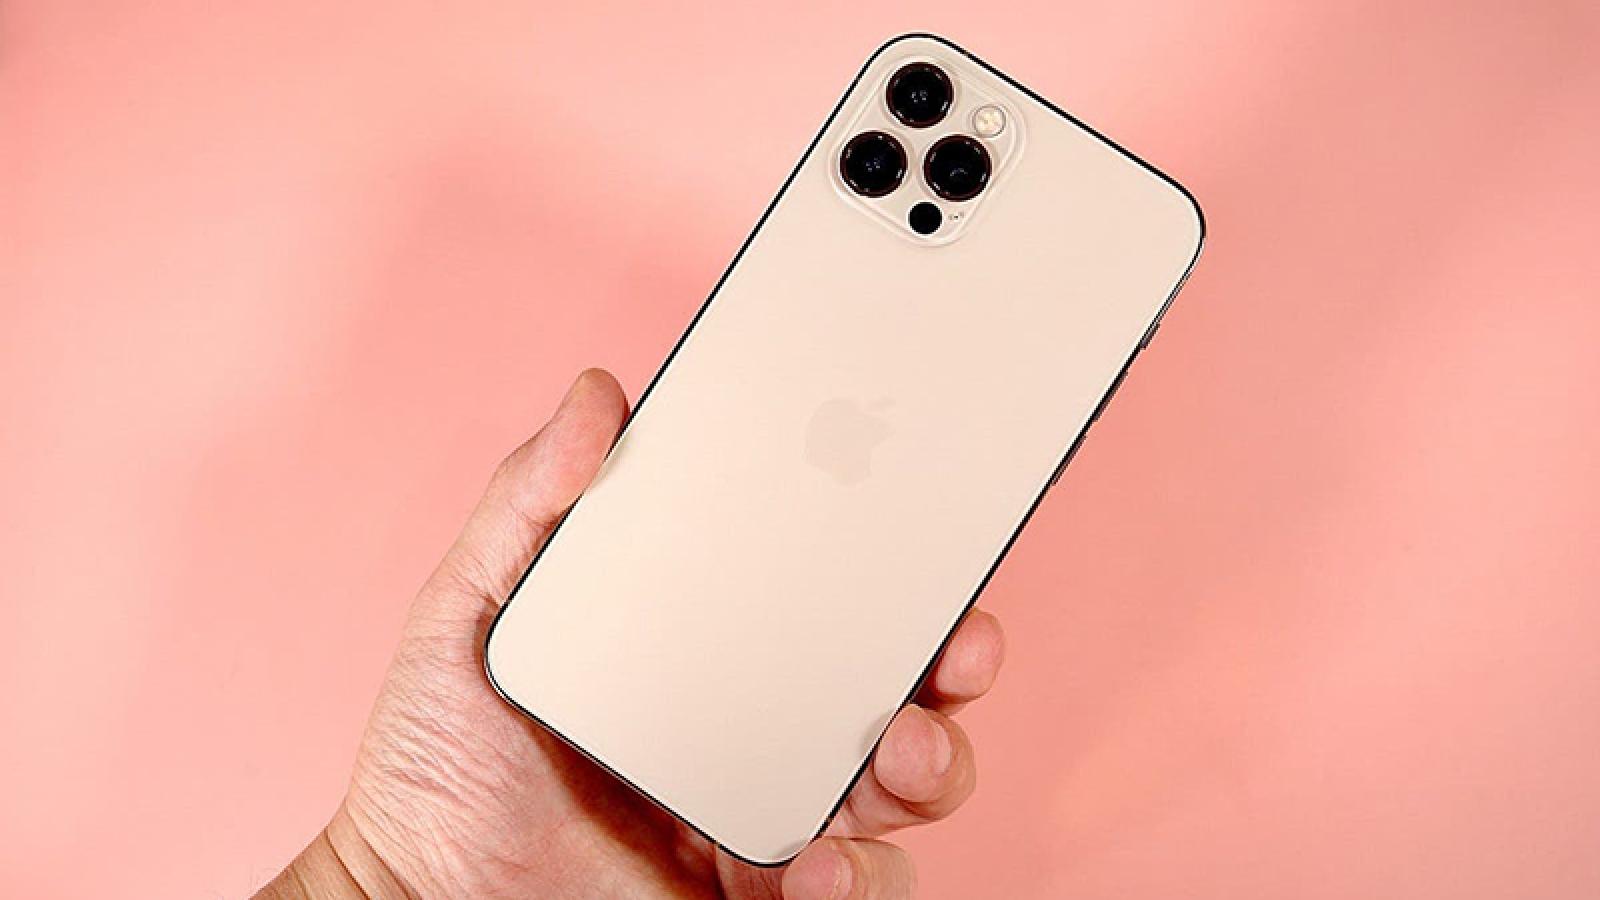 Linh kiện iPhone 12 Pro chỉ đắt hơn 33 USD so với iPhone 12